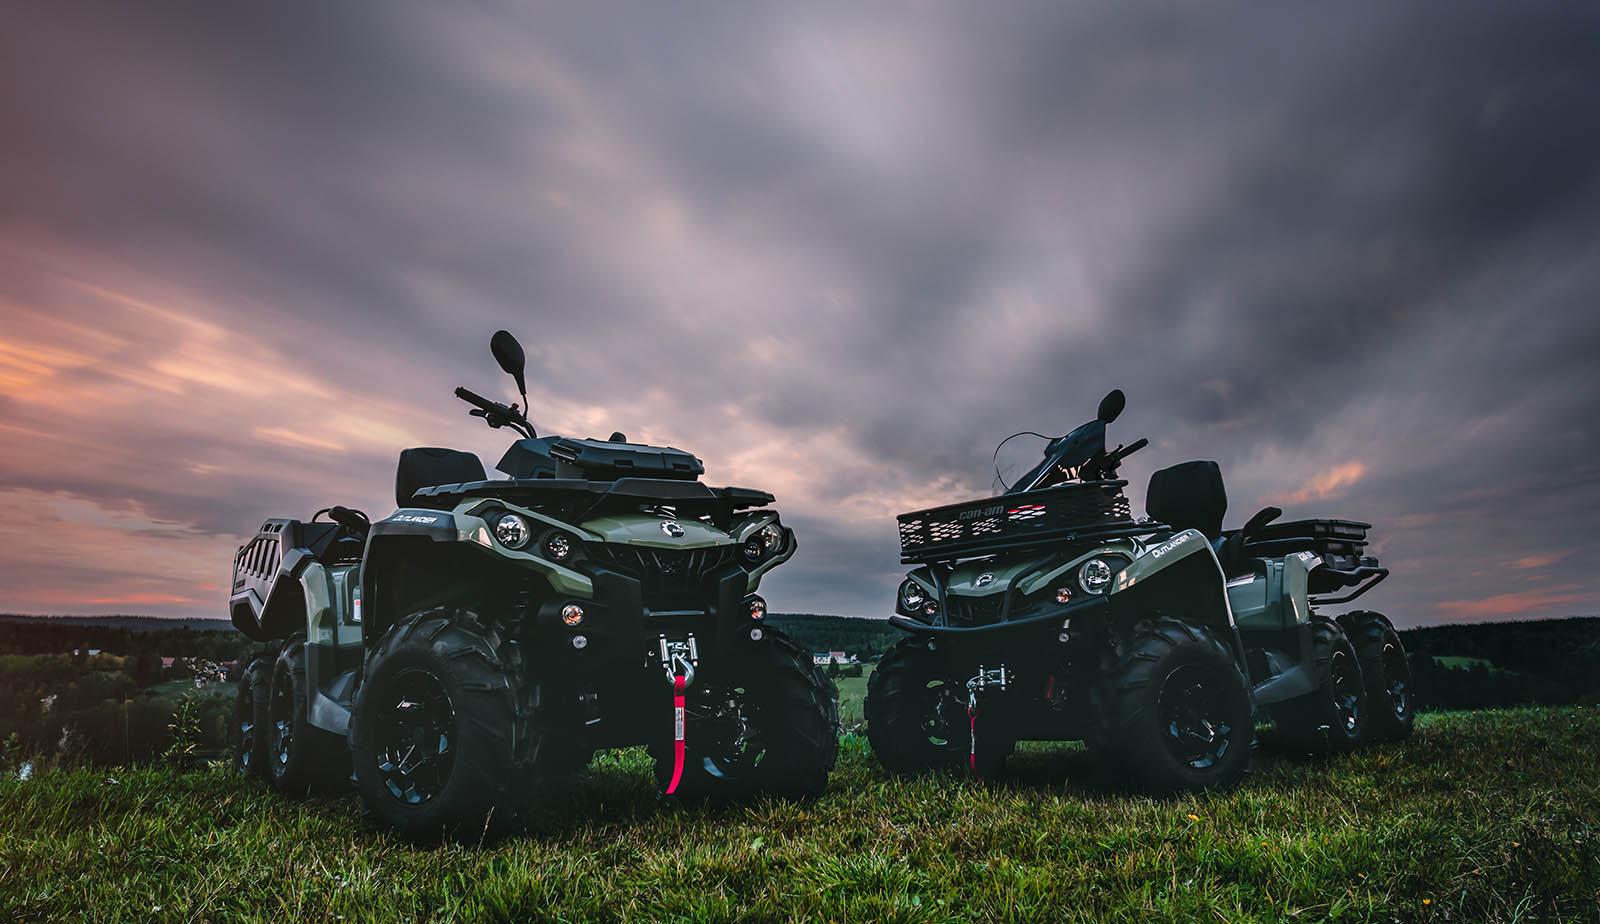 2 ATV Outlander 6x6 de la gama 2019 en exterior